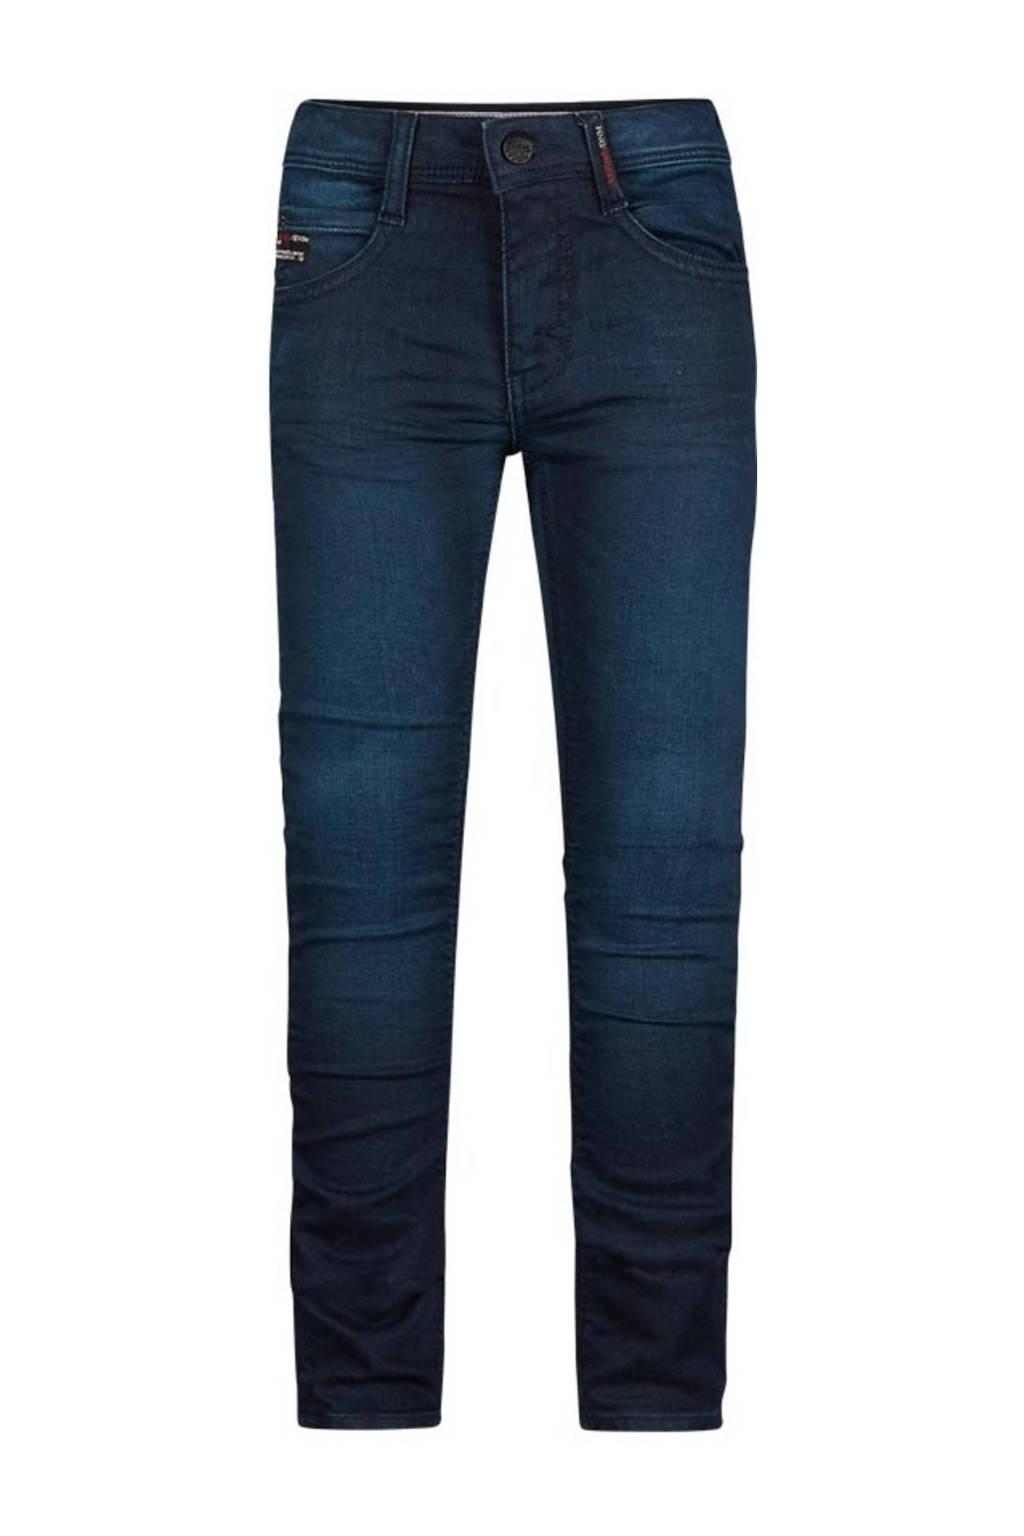 Retour Denim slim fit jeans Luigi medium blue denim, Medium blue denim